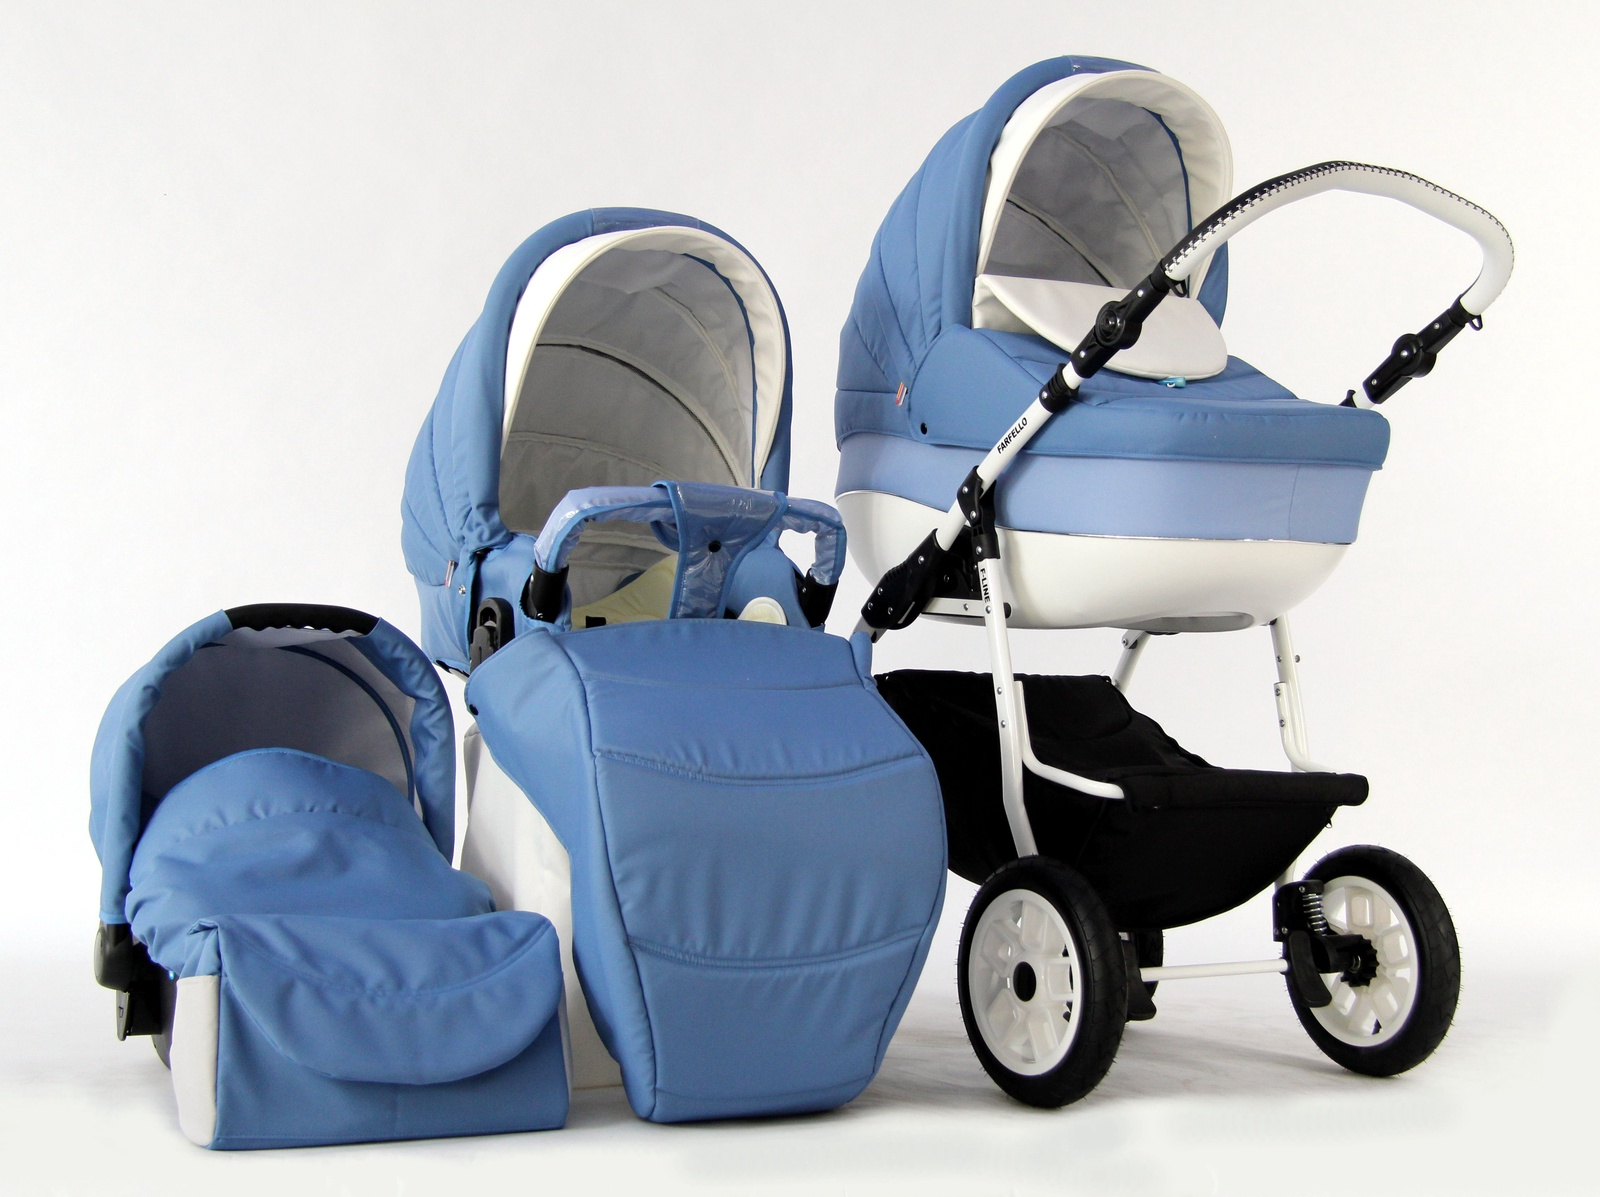 Коляска-люлька Farfello FORTUNA F-line 3в1 голубой коляска люлька farfello fly line 3в1